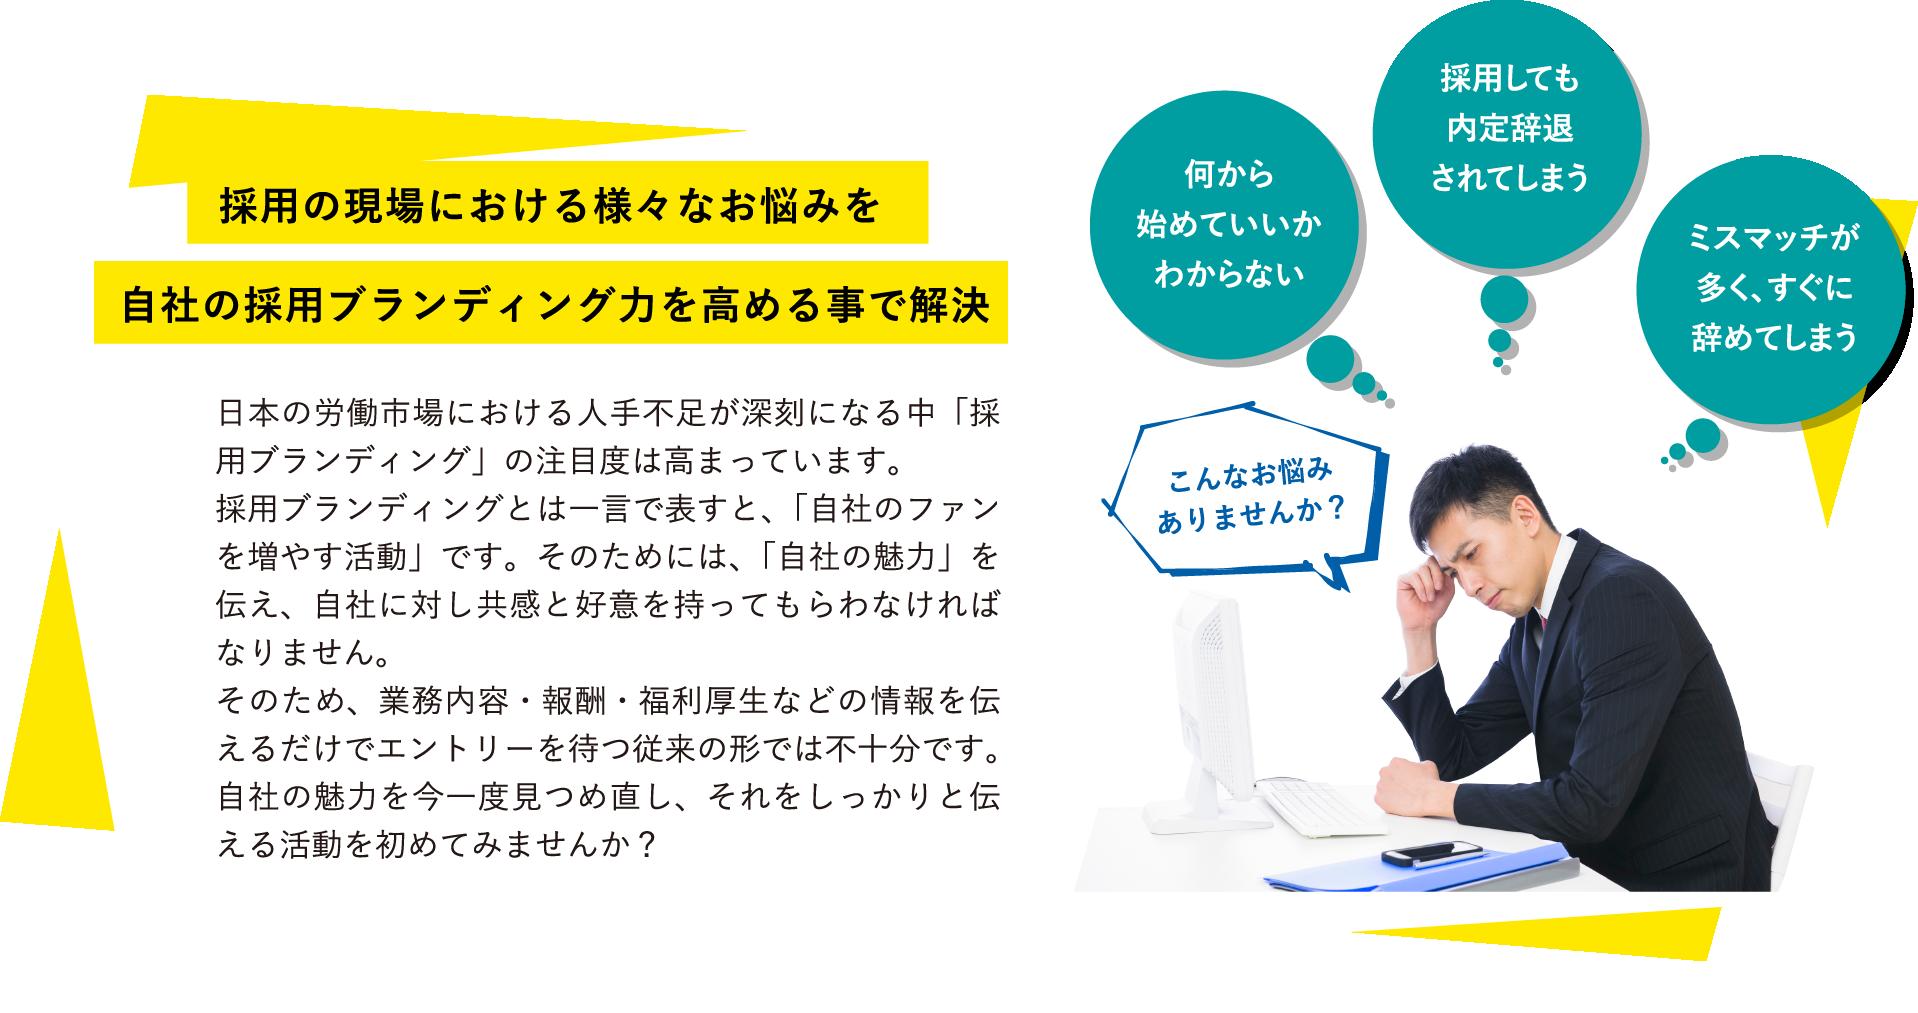 採用の現場における様々なお悩みを自社の採用ブランディング力を高める事で解決 日本の労働市場における人手不足が深刻になる中「採用ブランディング」の注目度は高まっています。採用ブランディングとは一言で表すと、「自社のファンを増やす活動」です。そのためには、「自社の魅力」を伝え、自社に対し共感と好意を持ってもらわなければなりません。そのため、業務内容・報酬・福利厚生などの情報を伝えるだけでエントリーを待つ従来の形では不十分です。自社の魅力を今一度見つめ直し、それをしっかりと伝える活動を初めてみませんか?